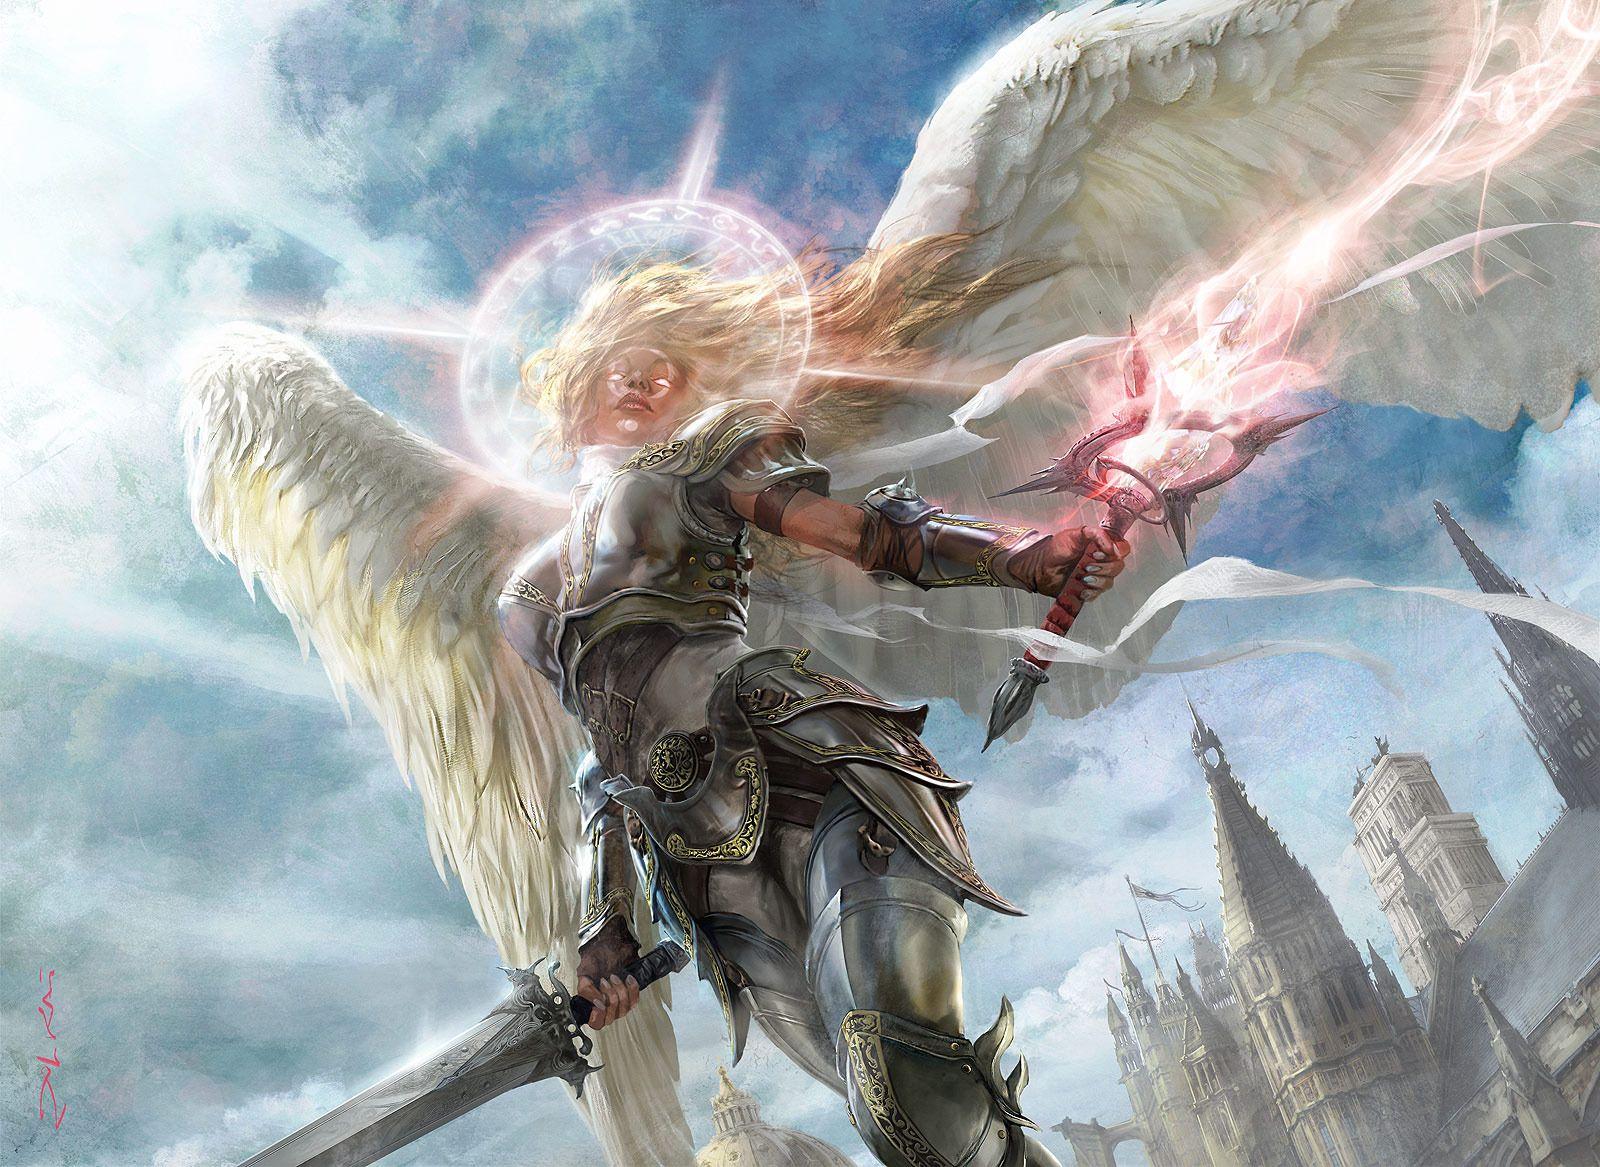 mtg does good angels